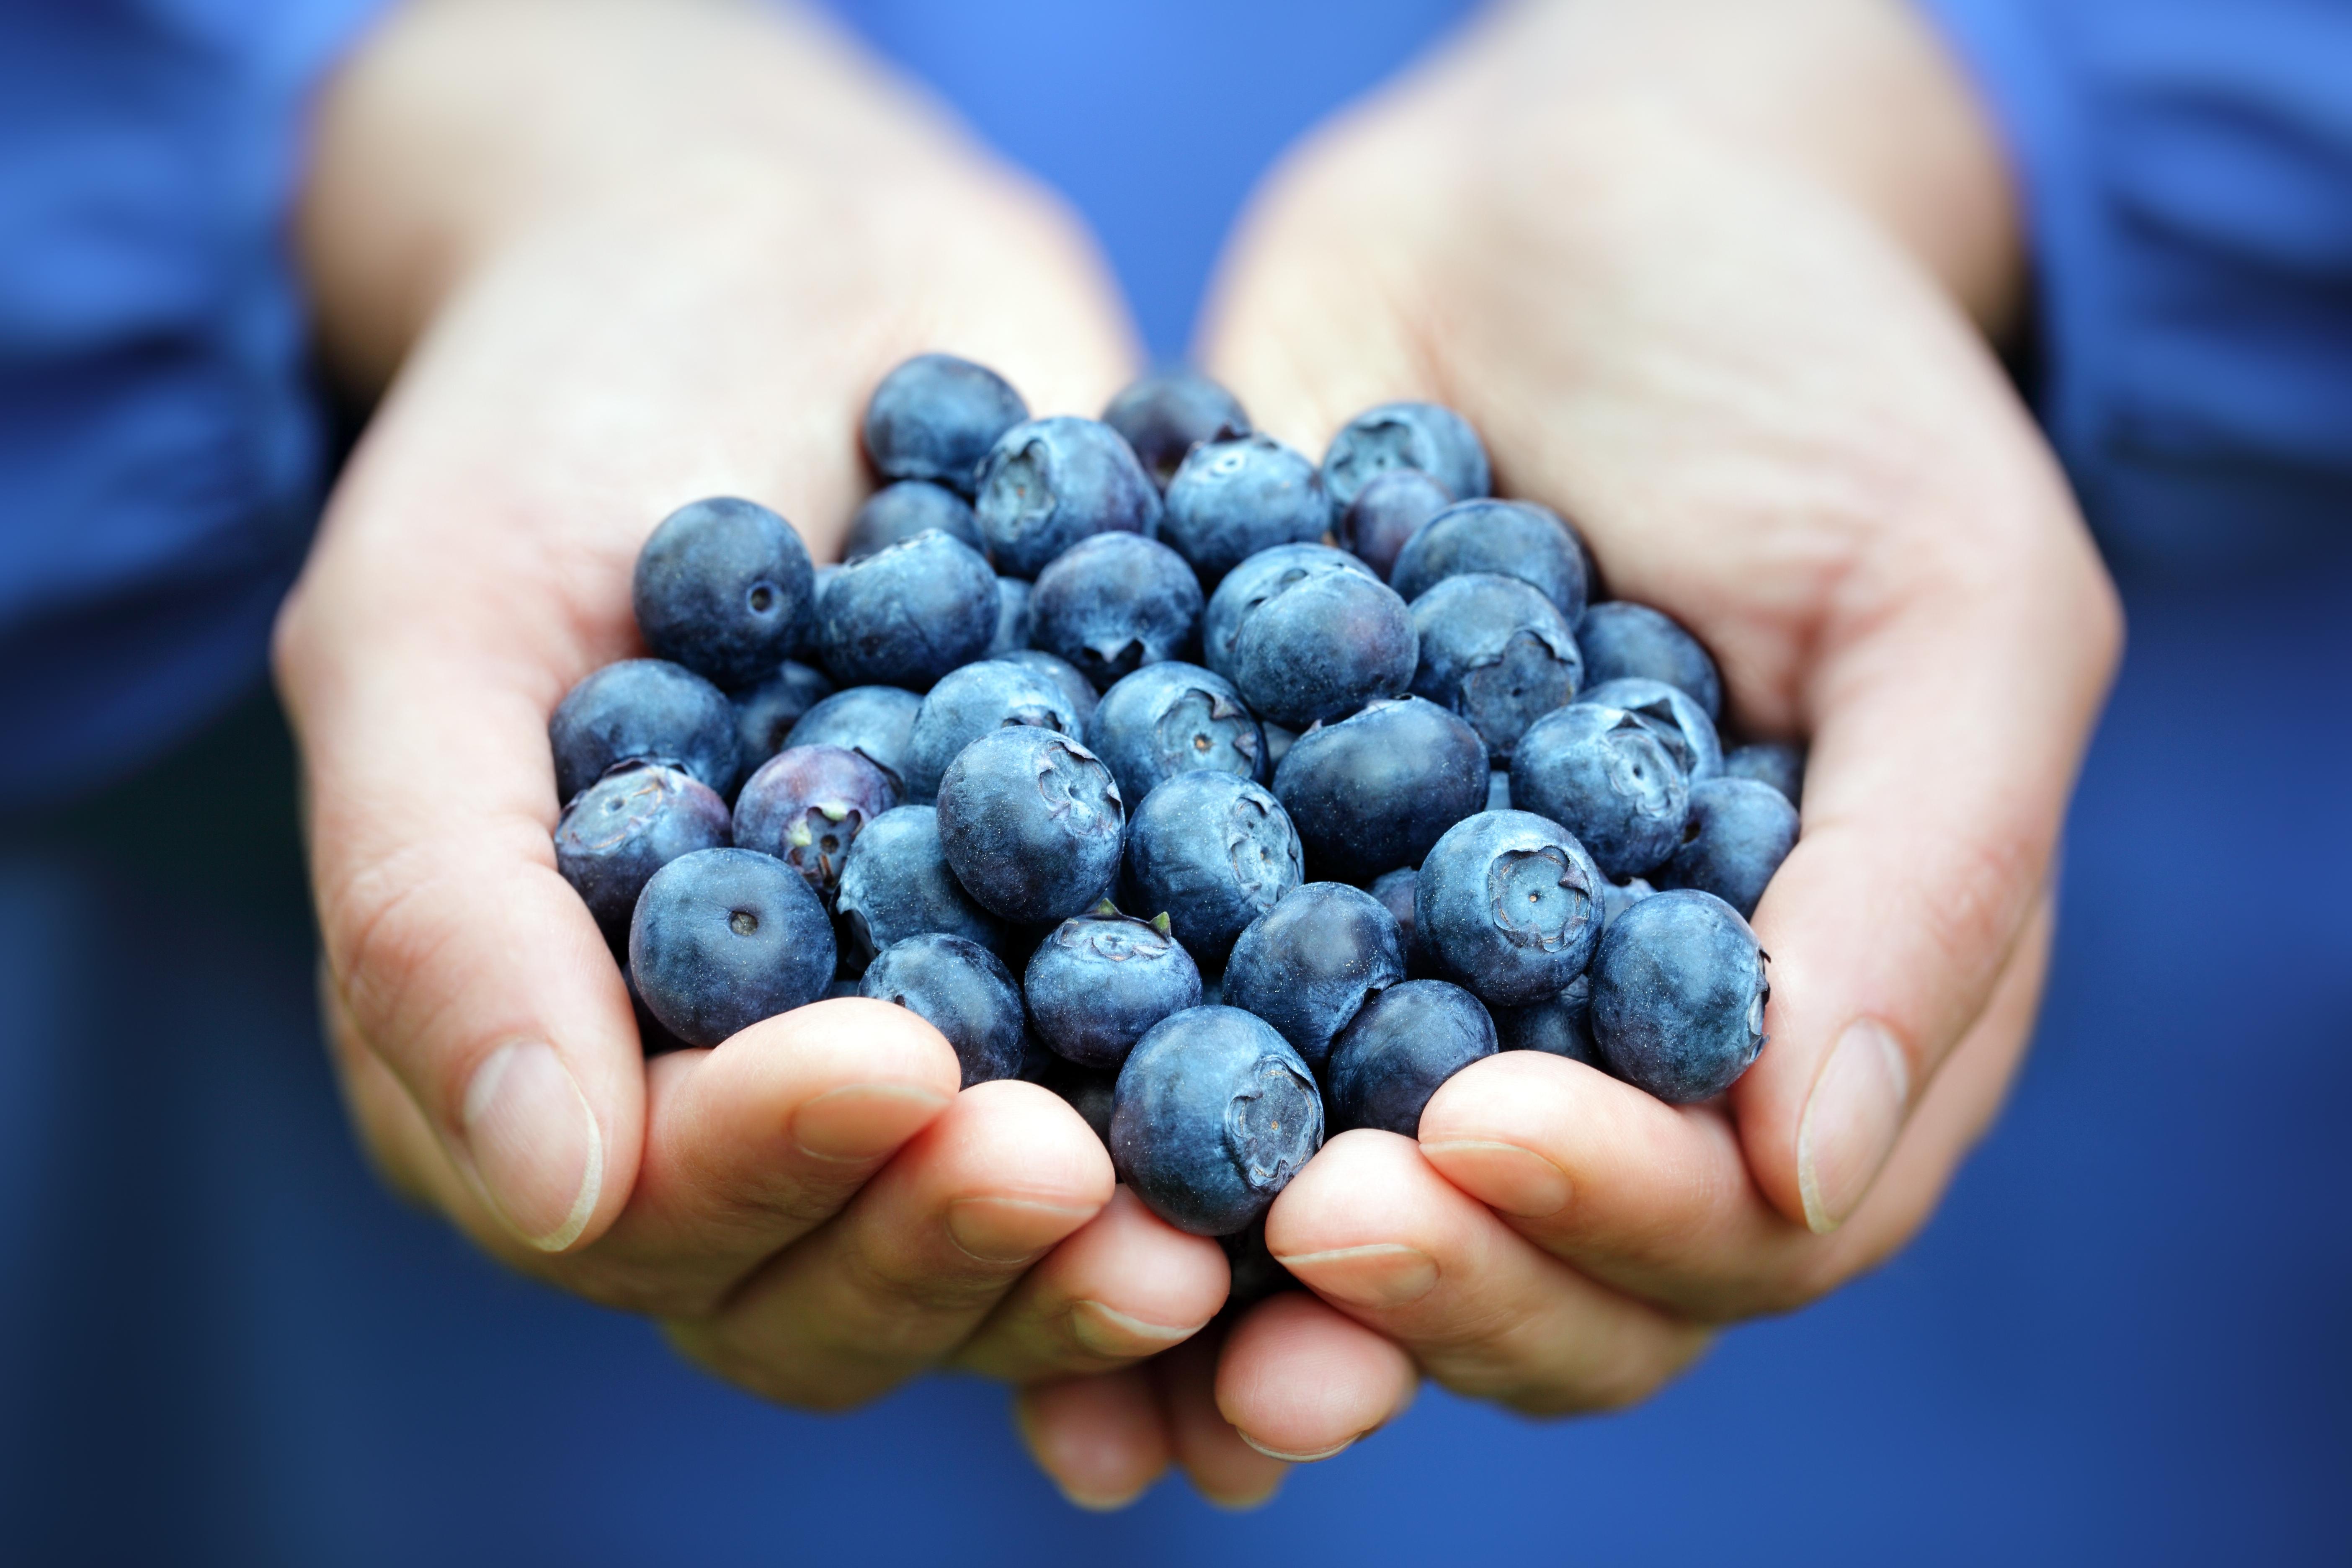 Den dagliga dosen av blåbär som deltagarna fick motsvarar nästan ett halvt kilo färska blåbär om dagen.